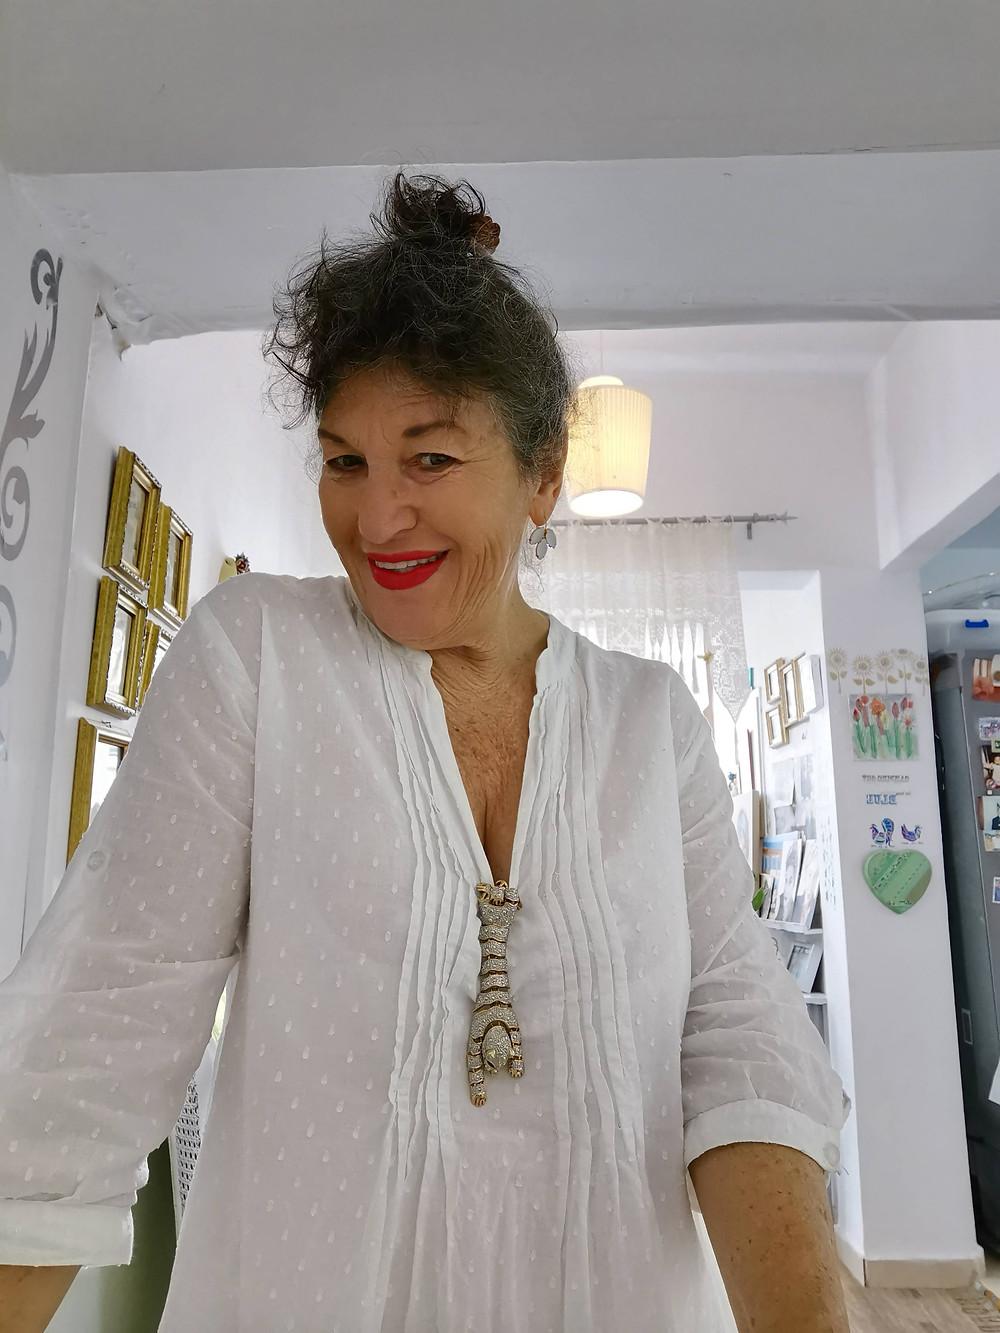 אירית לובשת חולצה לבנה